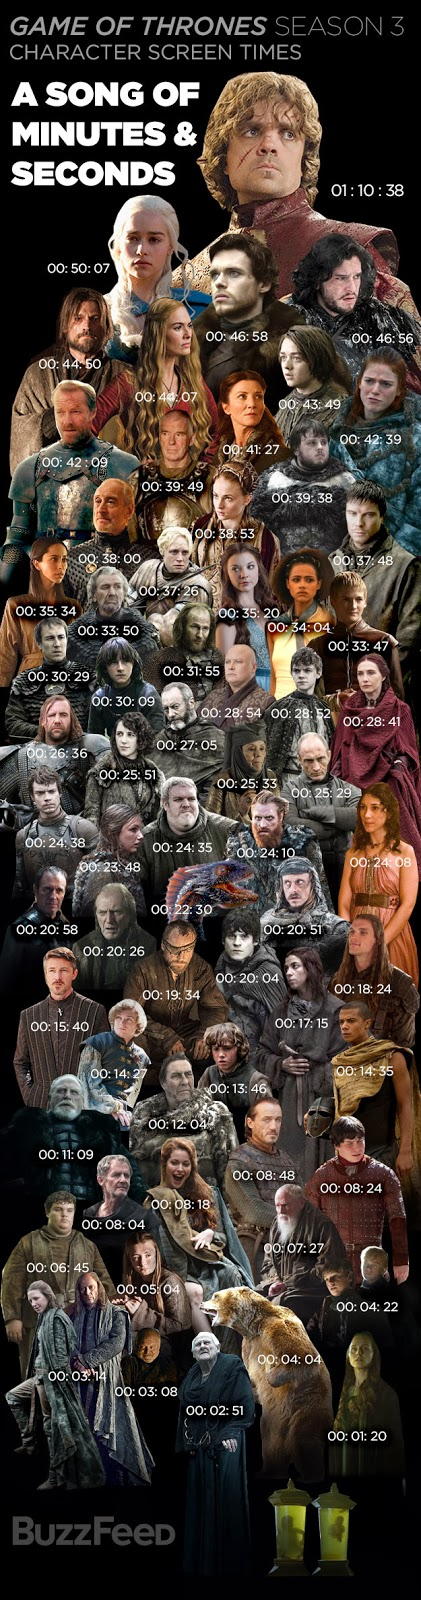 tiempo en pantalla de los personaje de juego de tronos en la tercera temporada - Juego de Tronos en los siete reinos